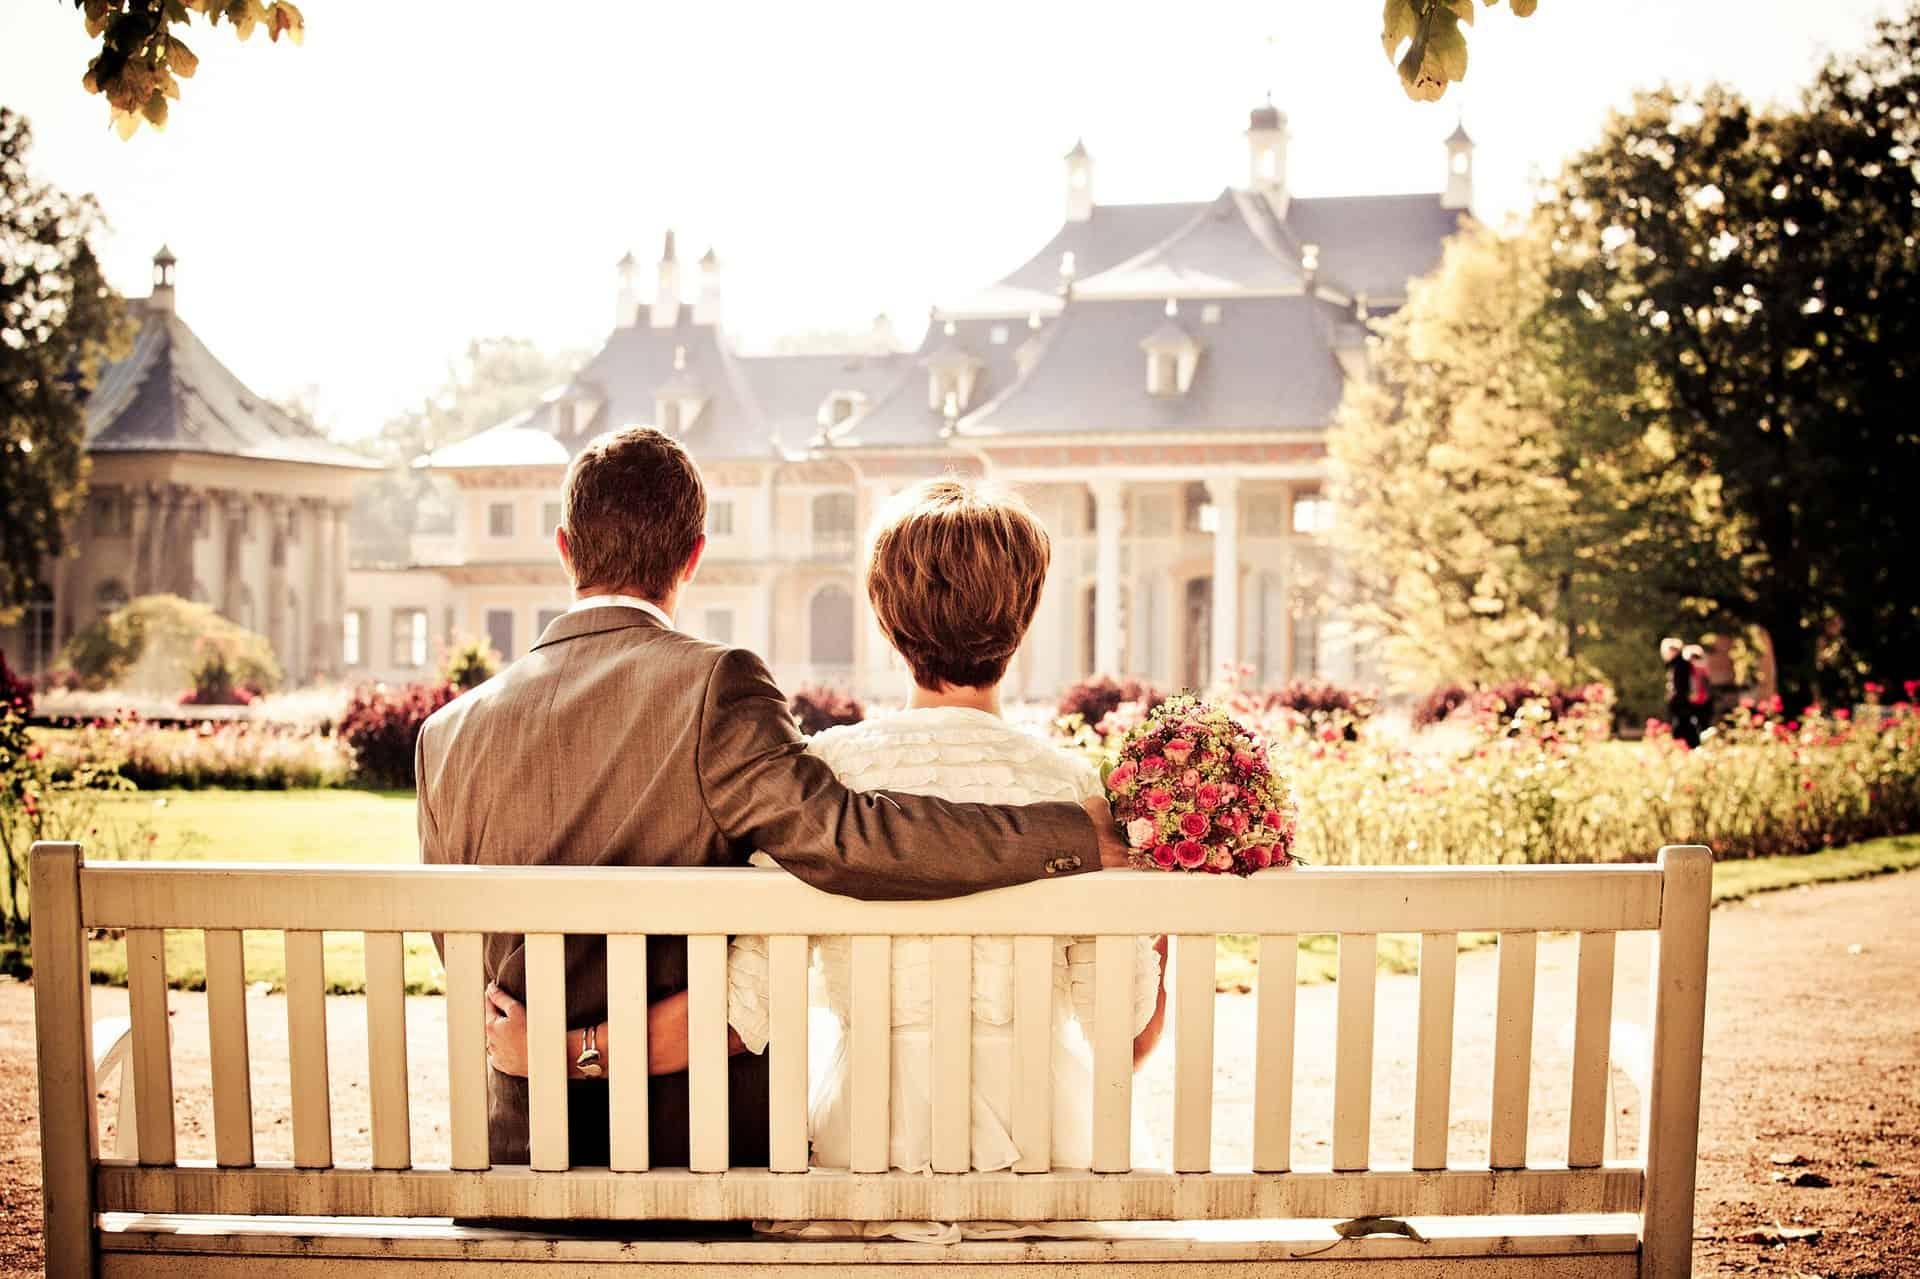 estate status change entering marriage